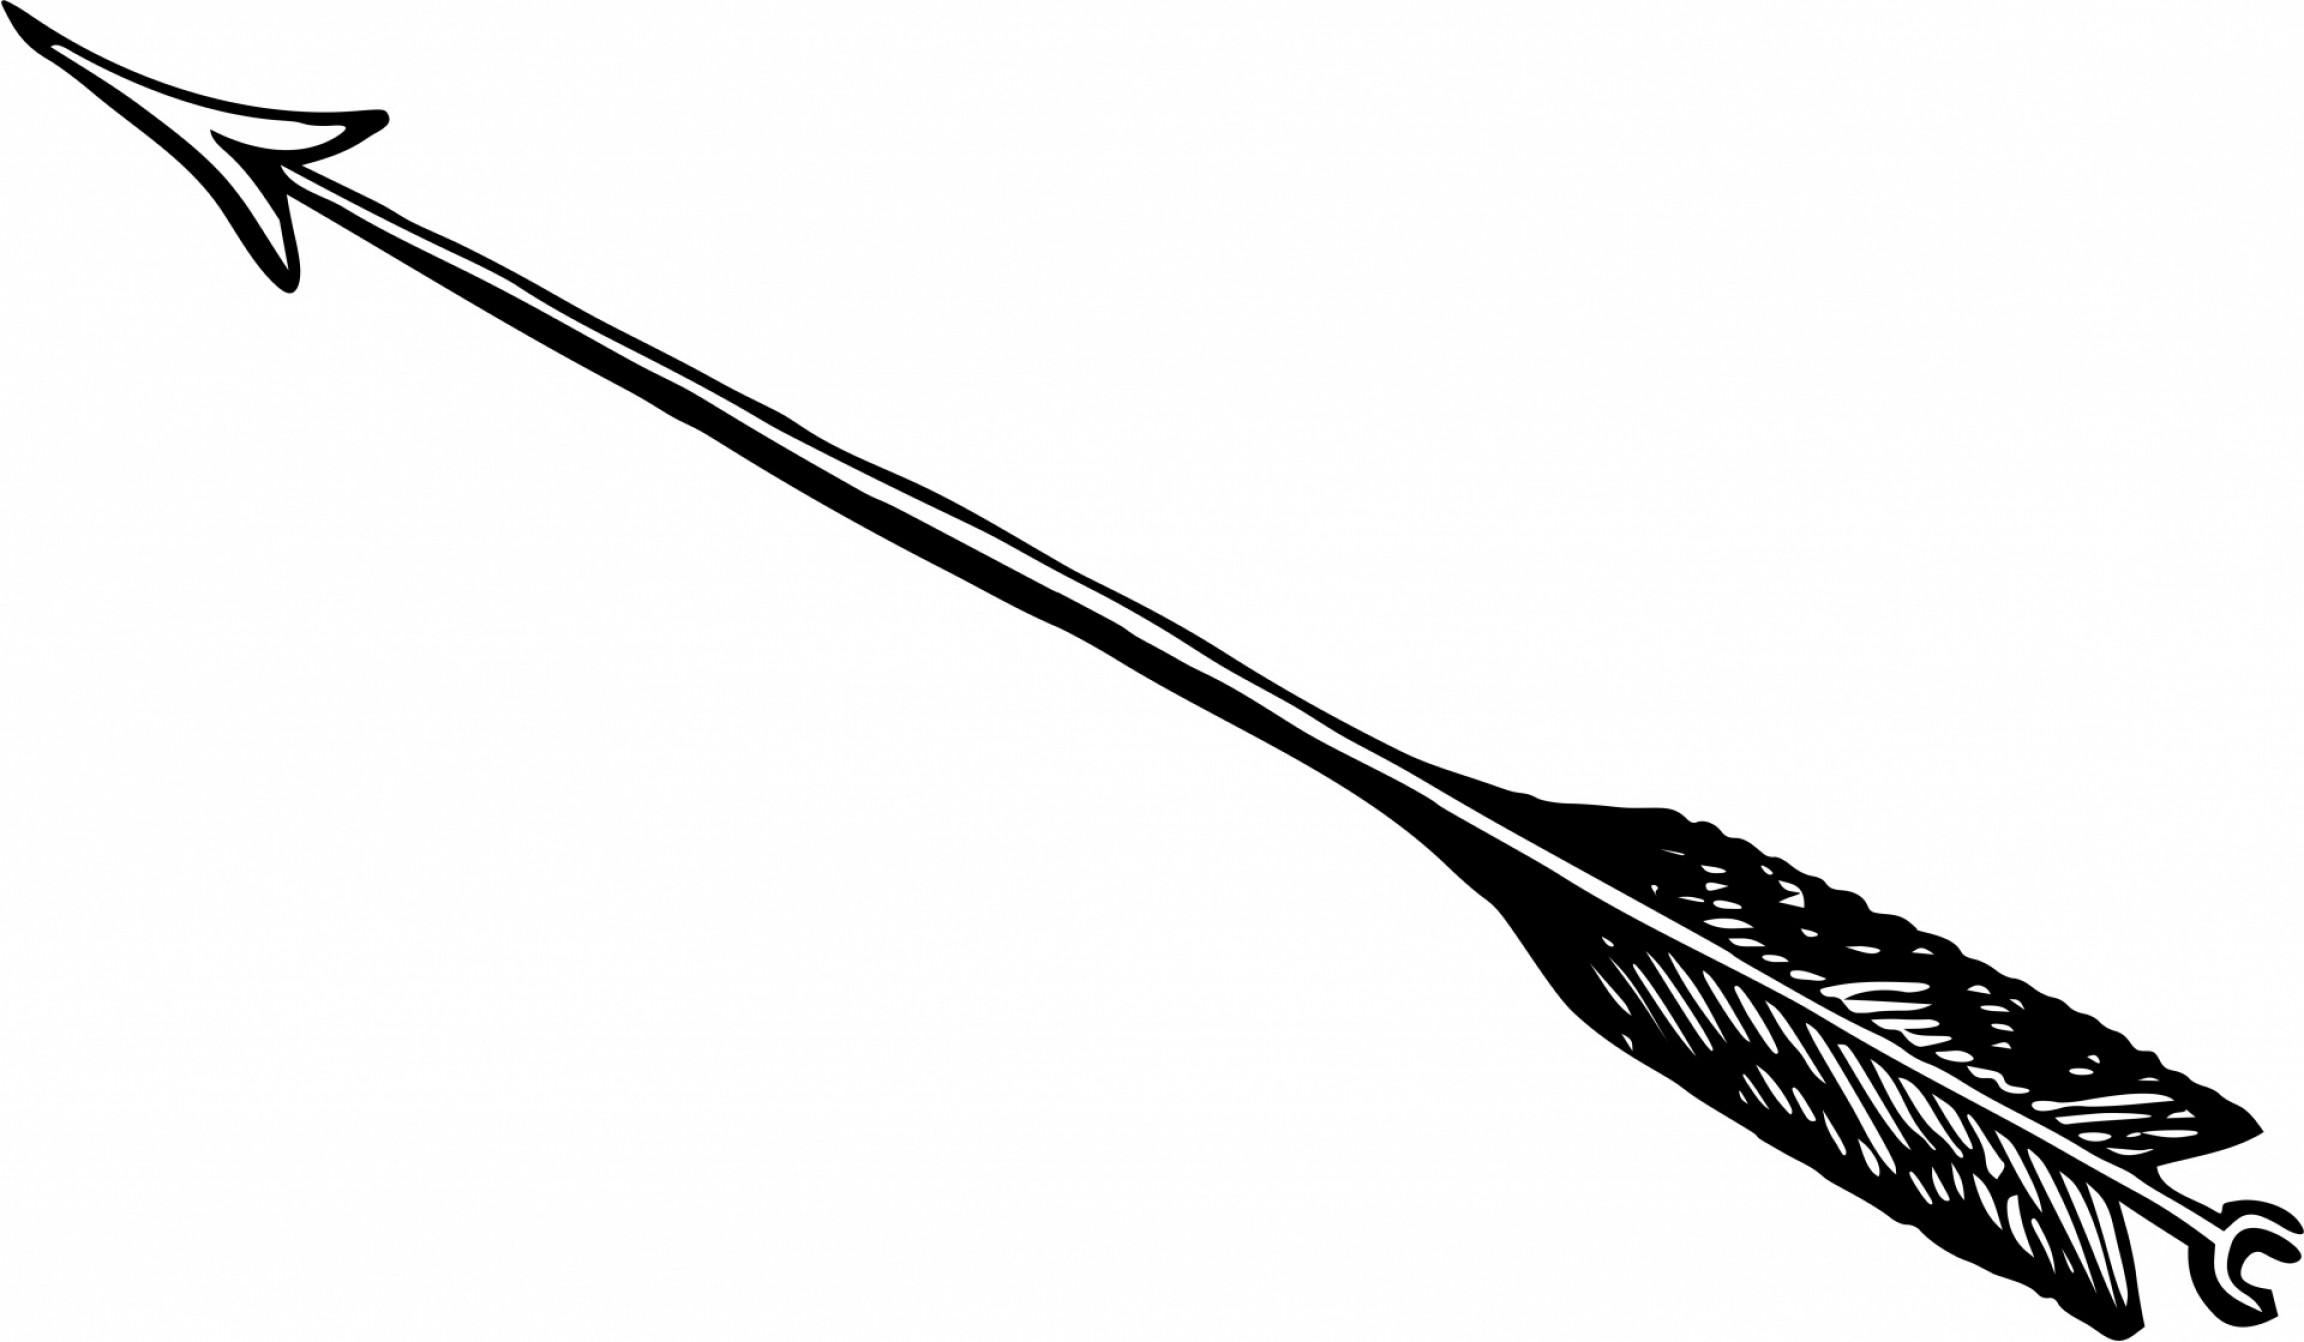 2304x1342 Bow N Arrow Clip Art Clipart Collection